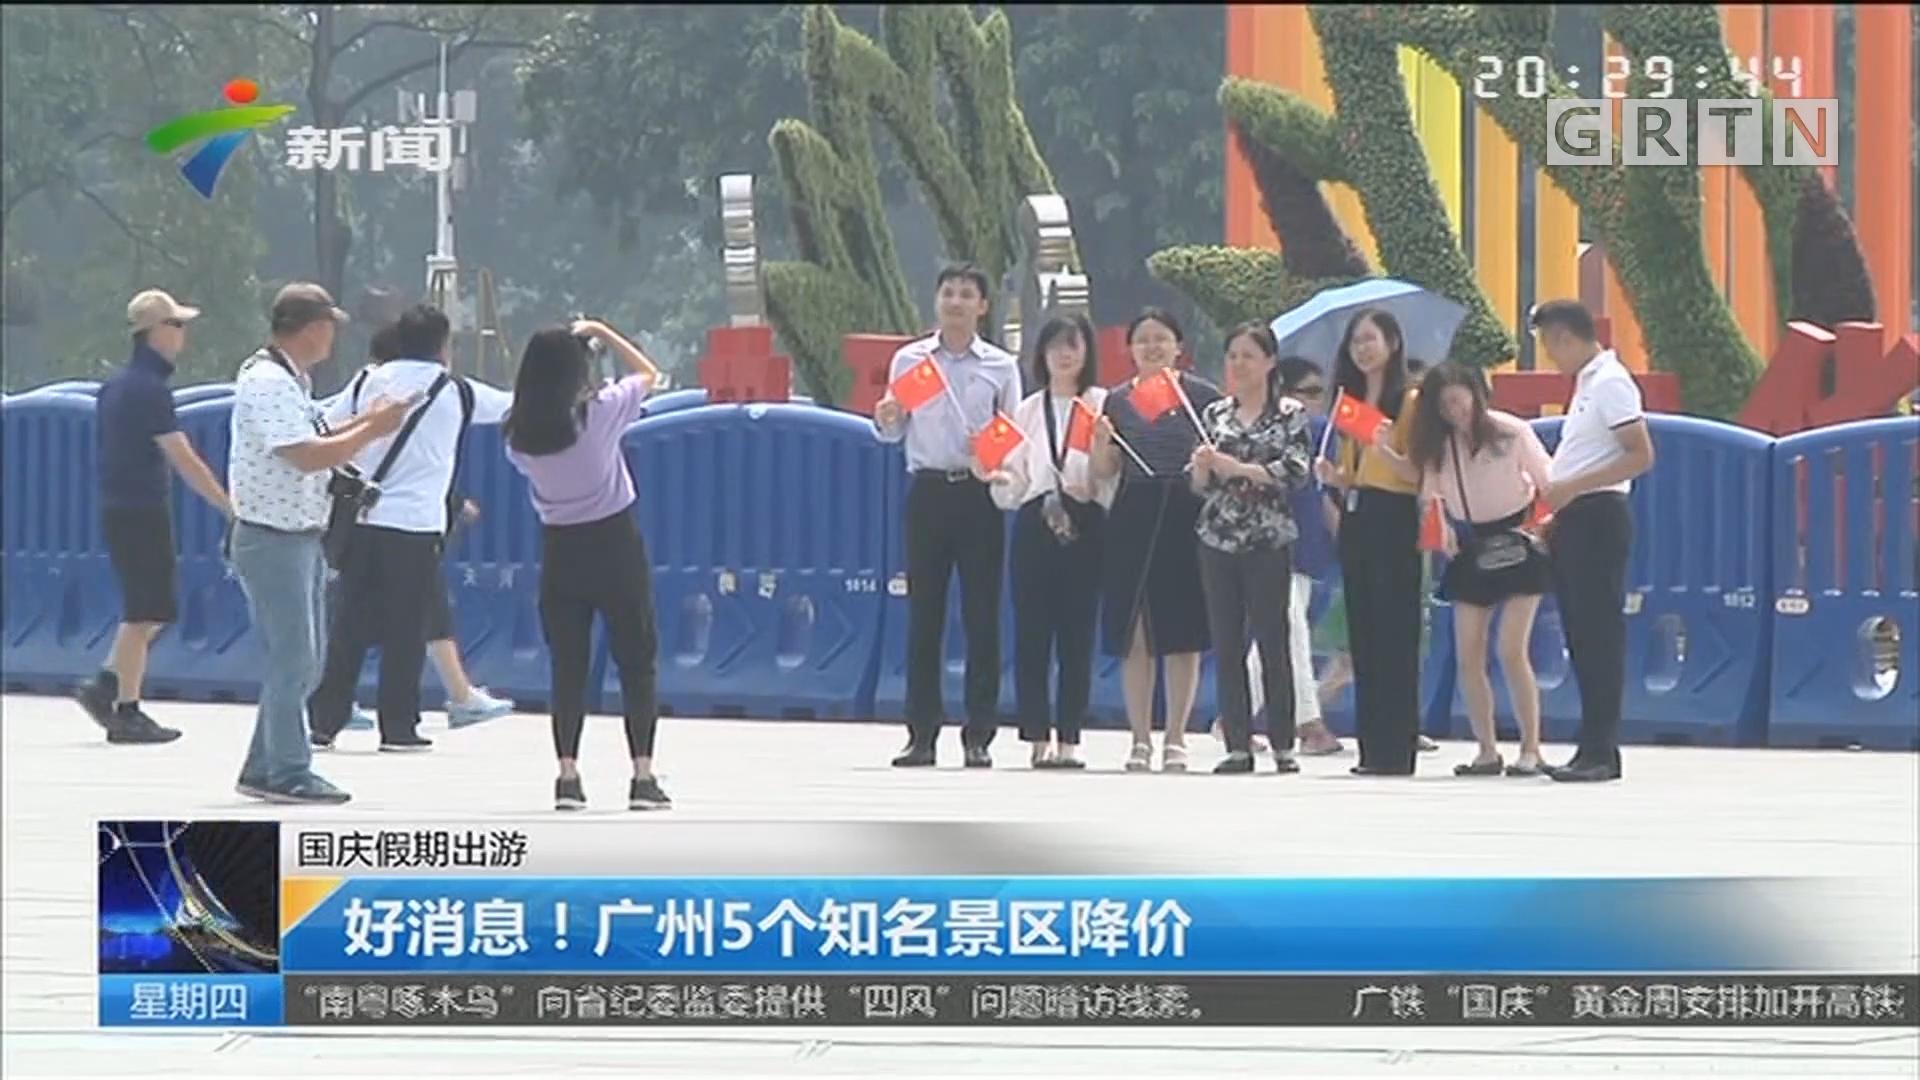 国庆假期出游:好消息!广州5个知名景区降价